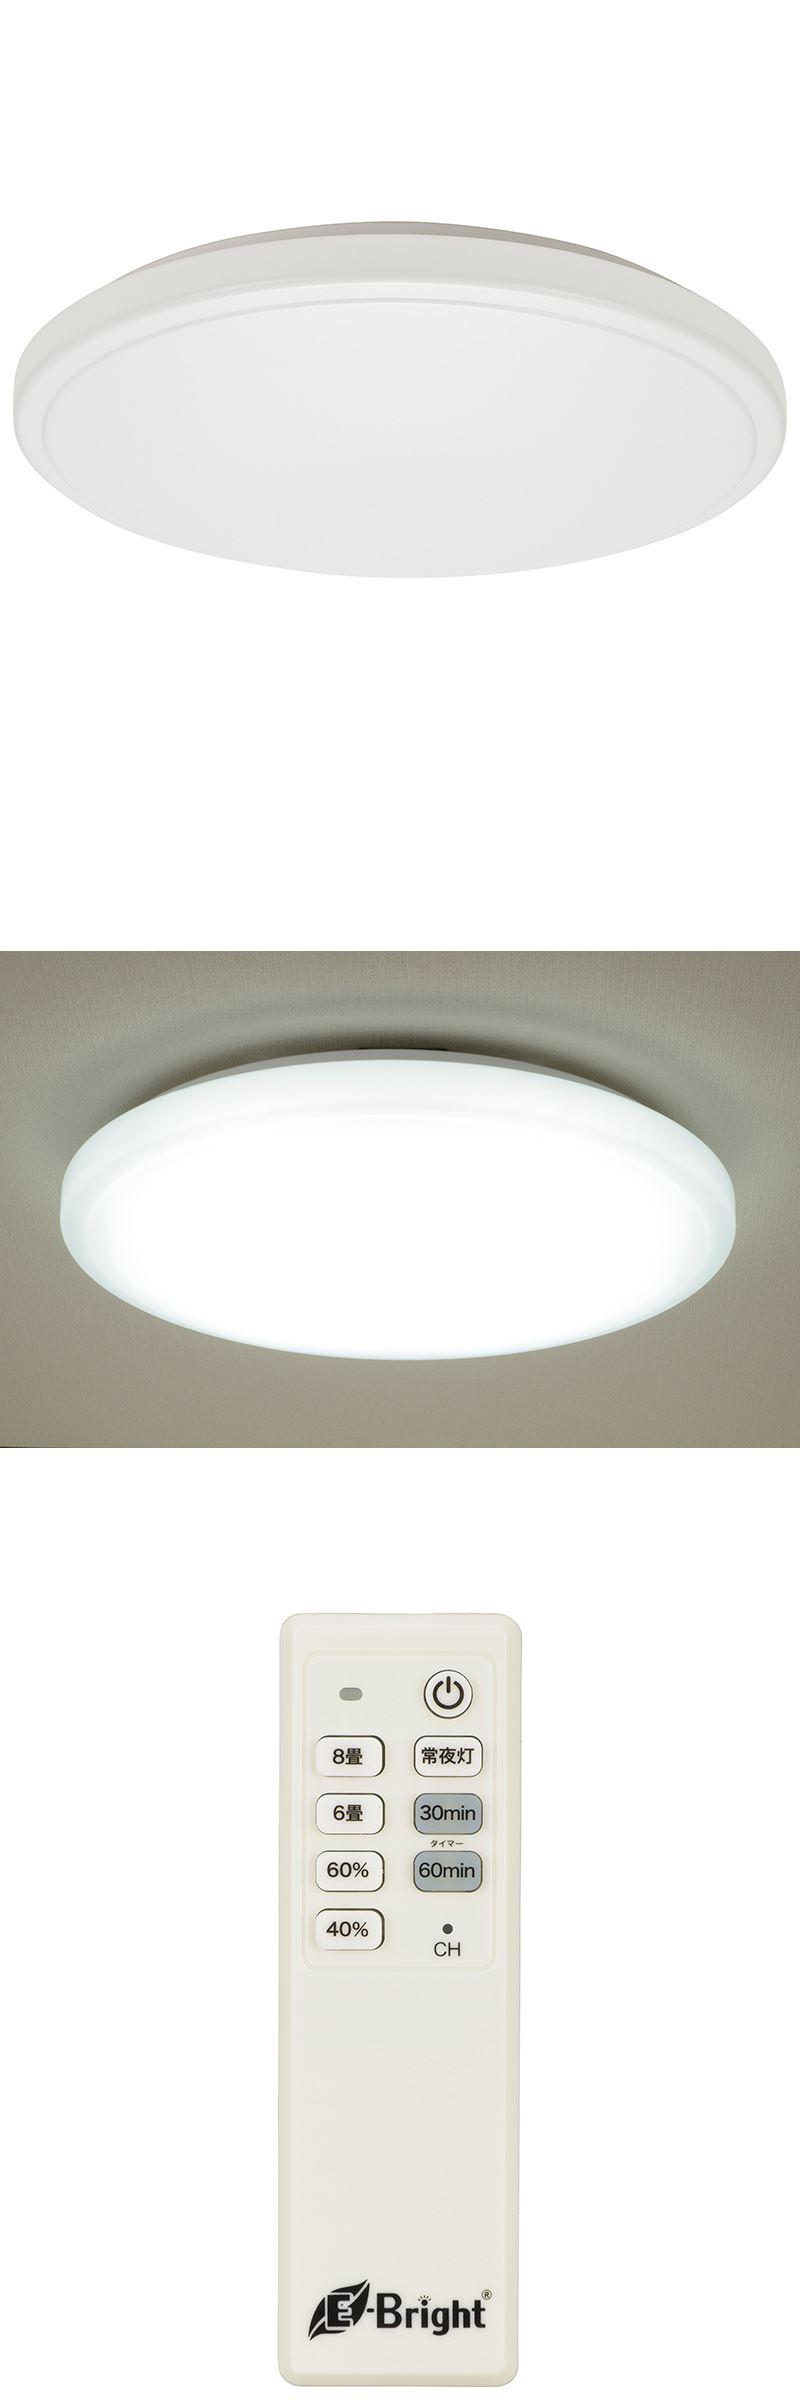 オーム電機 LEDシーリングライト(8畳用/35W/昼光色) 3台セット LE-Y35D8K-W1